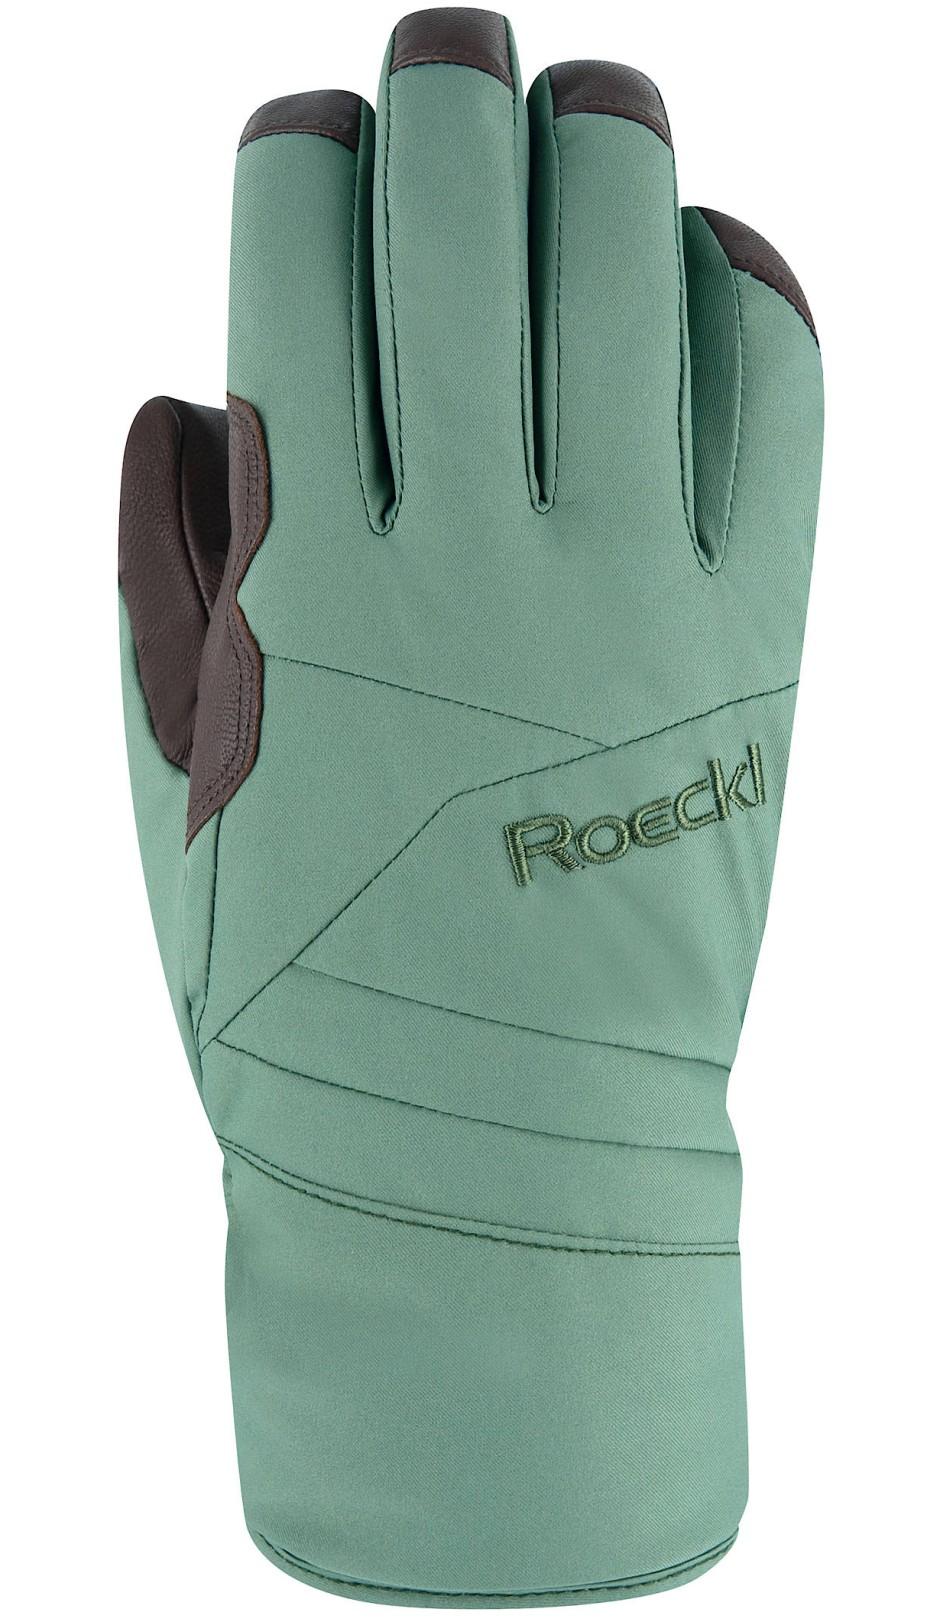 Grünes Händchen: Eco-Skihandschuh von Roeckl